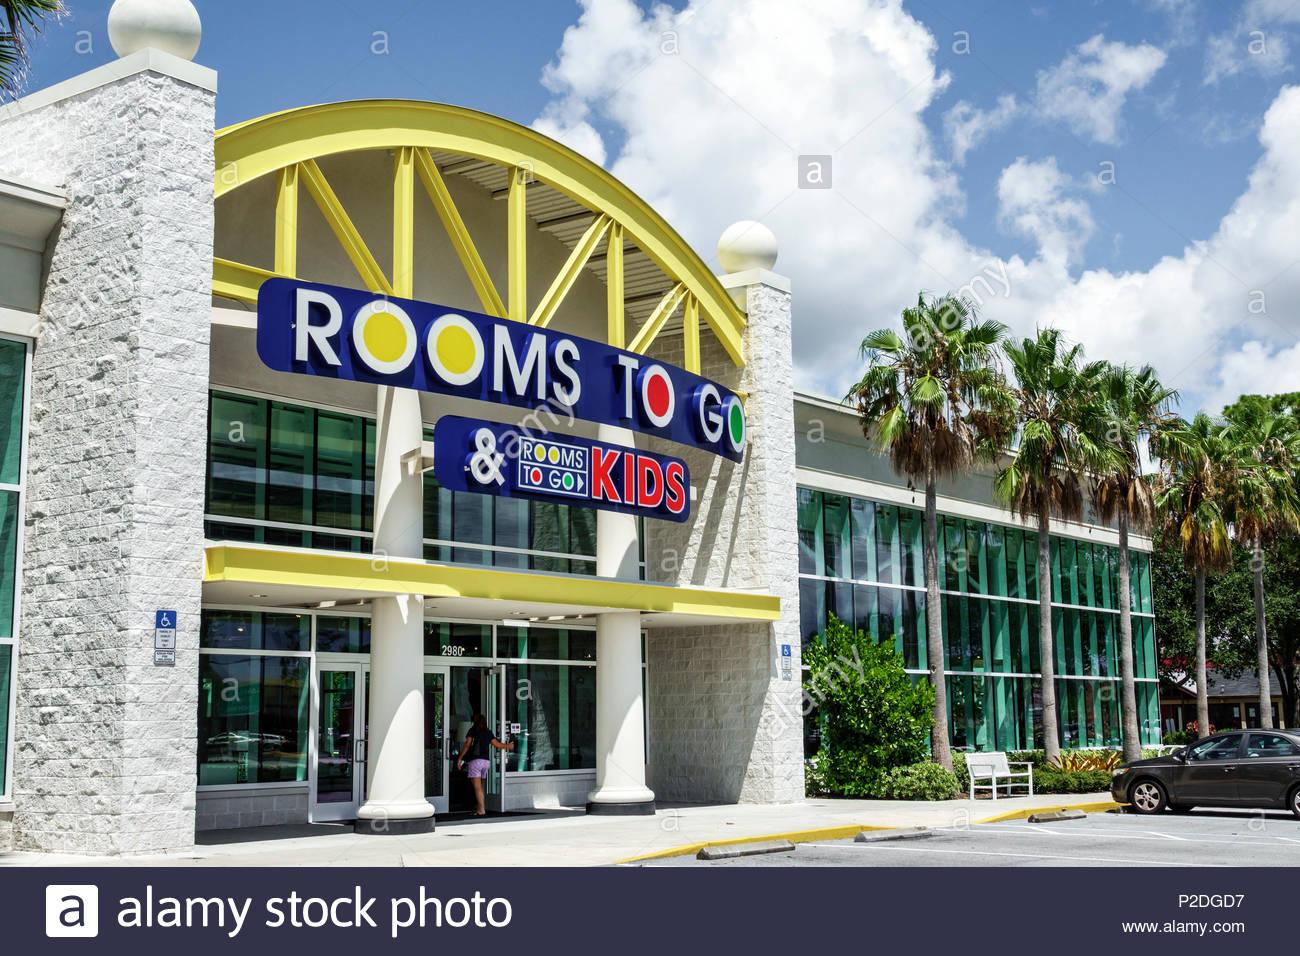 florida jensen beach shopping zimmer zu gehen kinder amerikanische mobel store kette shopping ausseres zeichen eingang